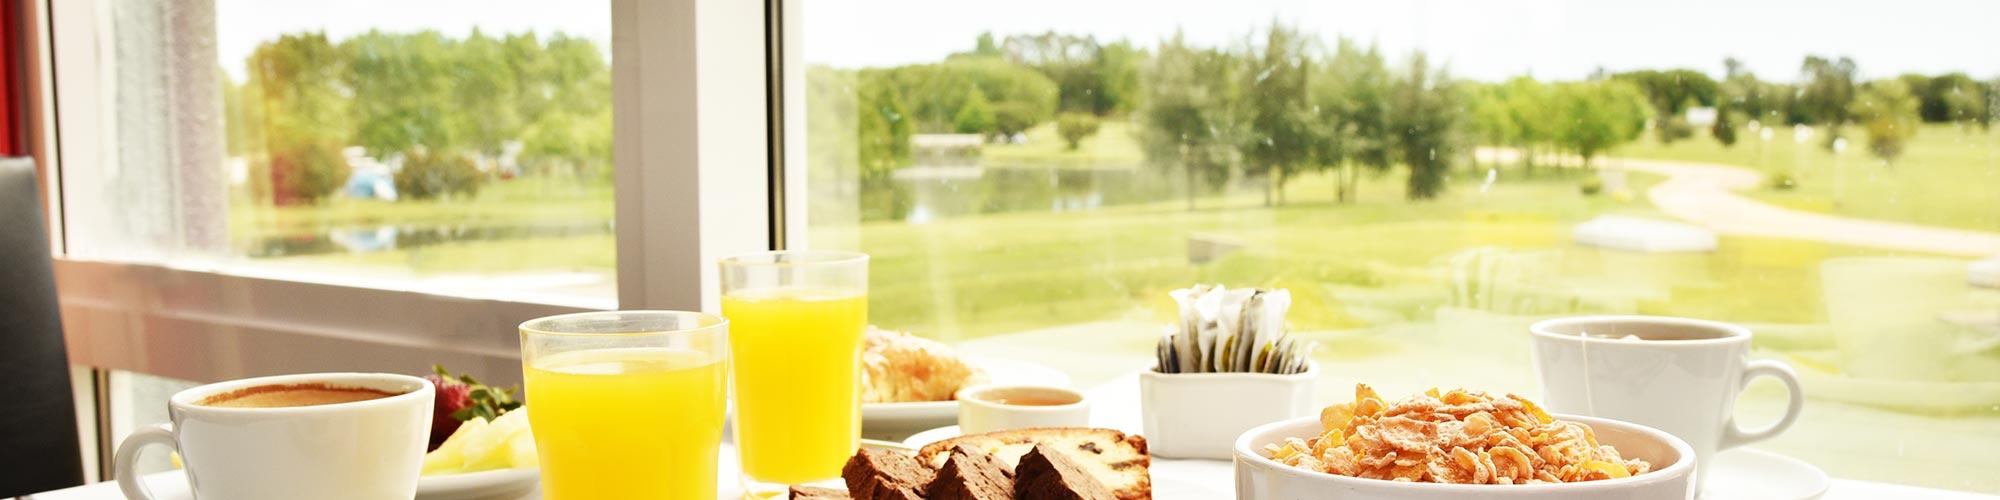 slide-hqe-desayuno